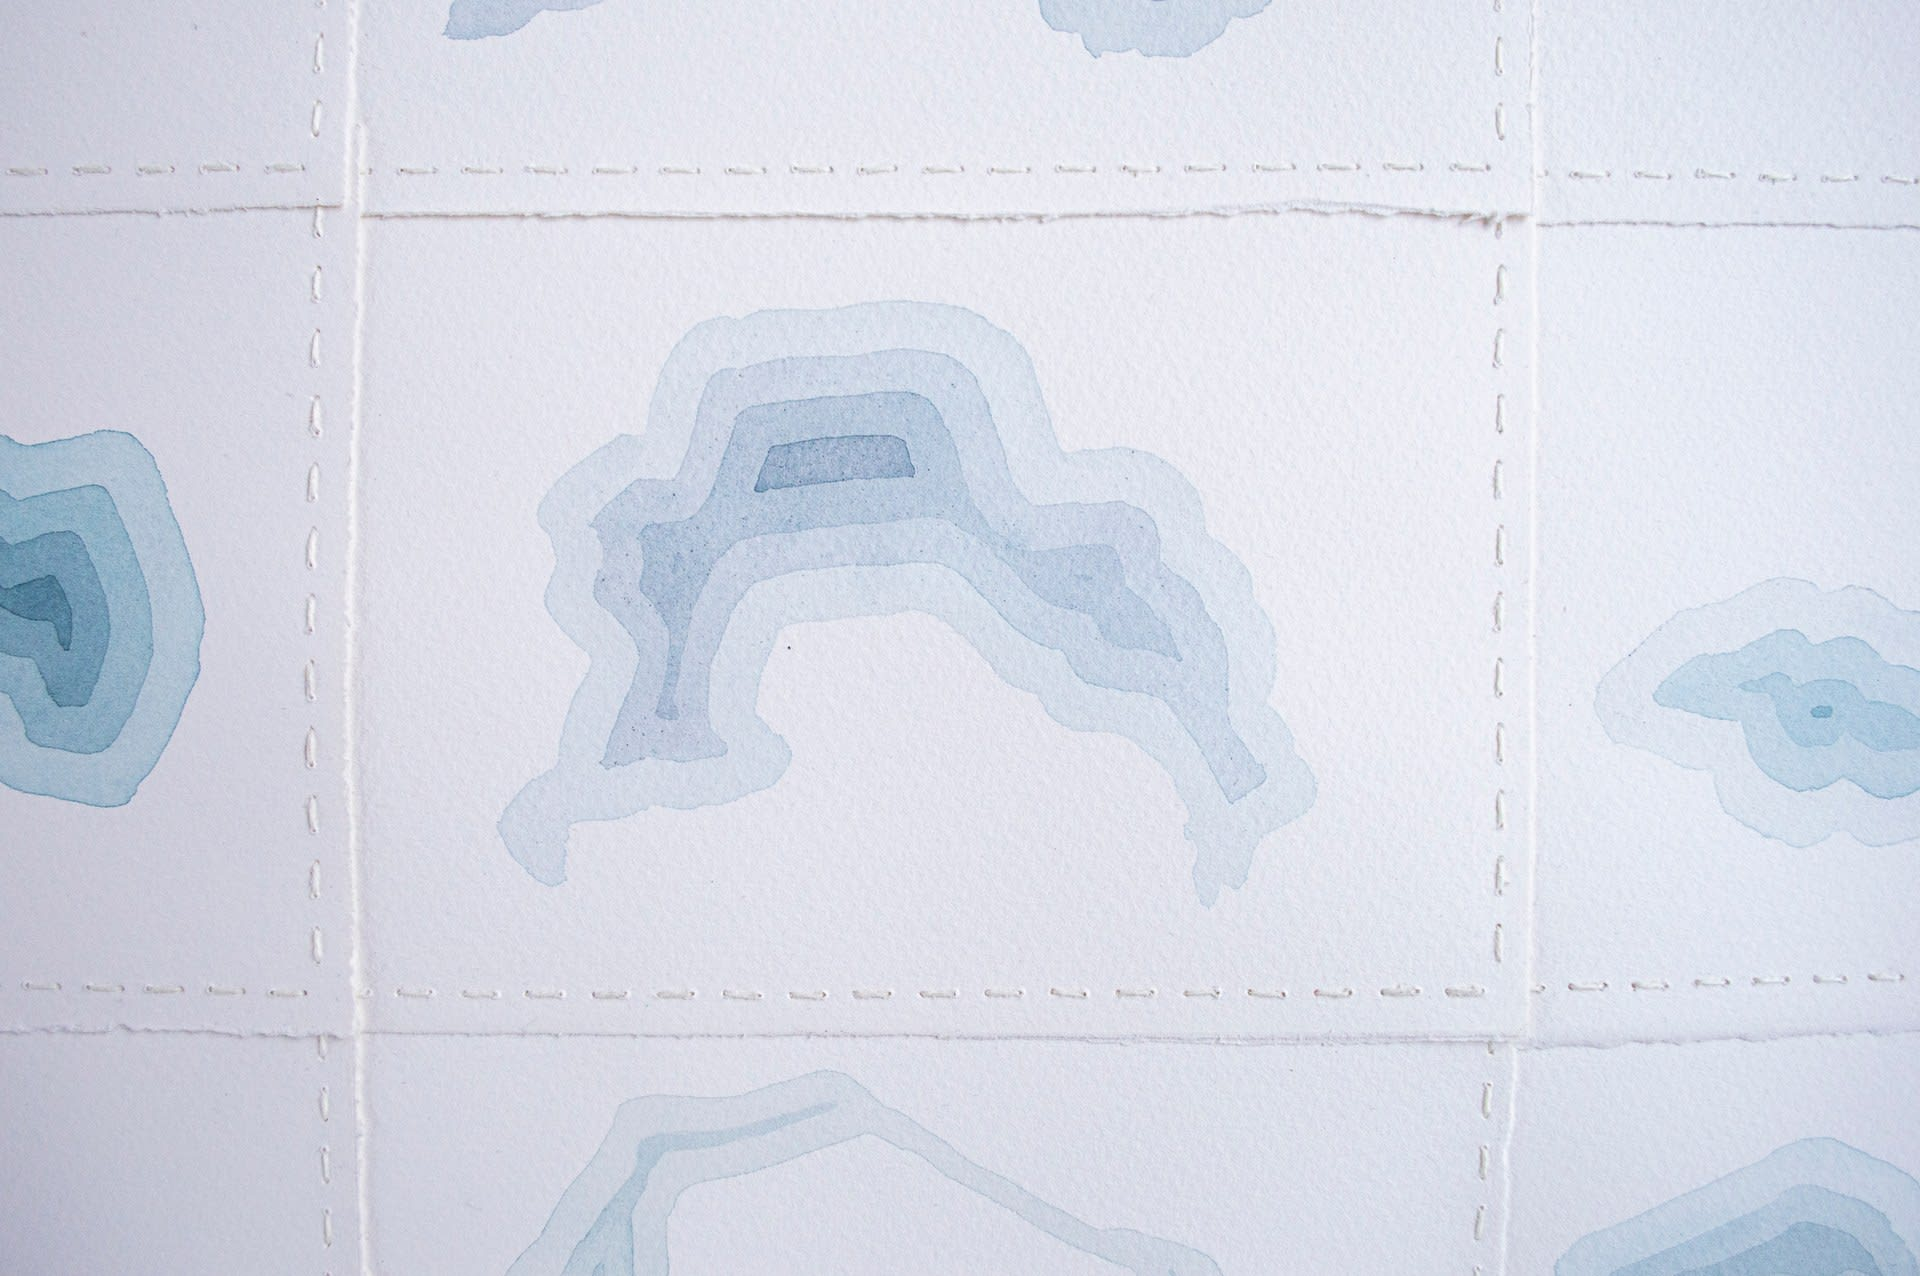 Archipelago I (detail)